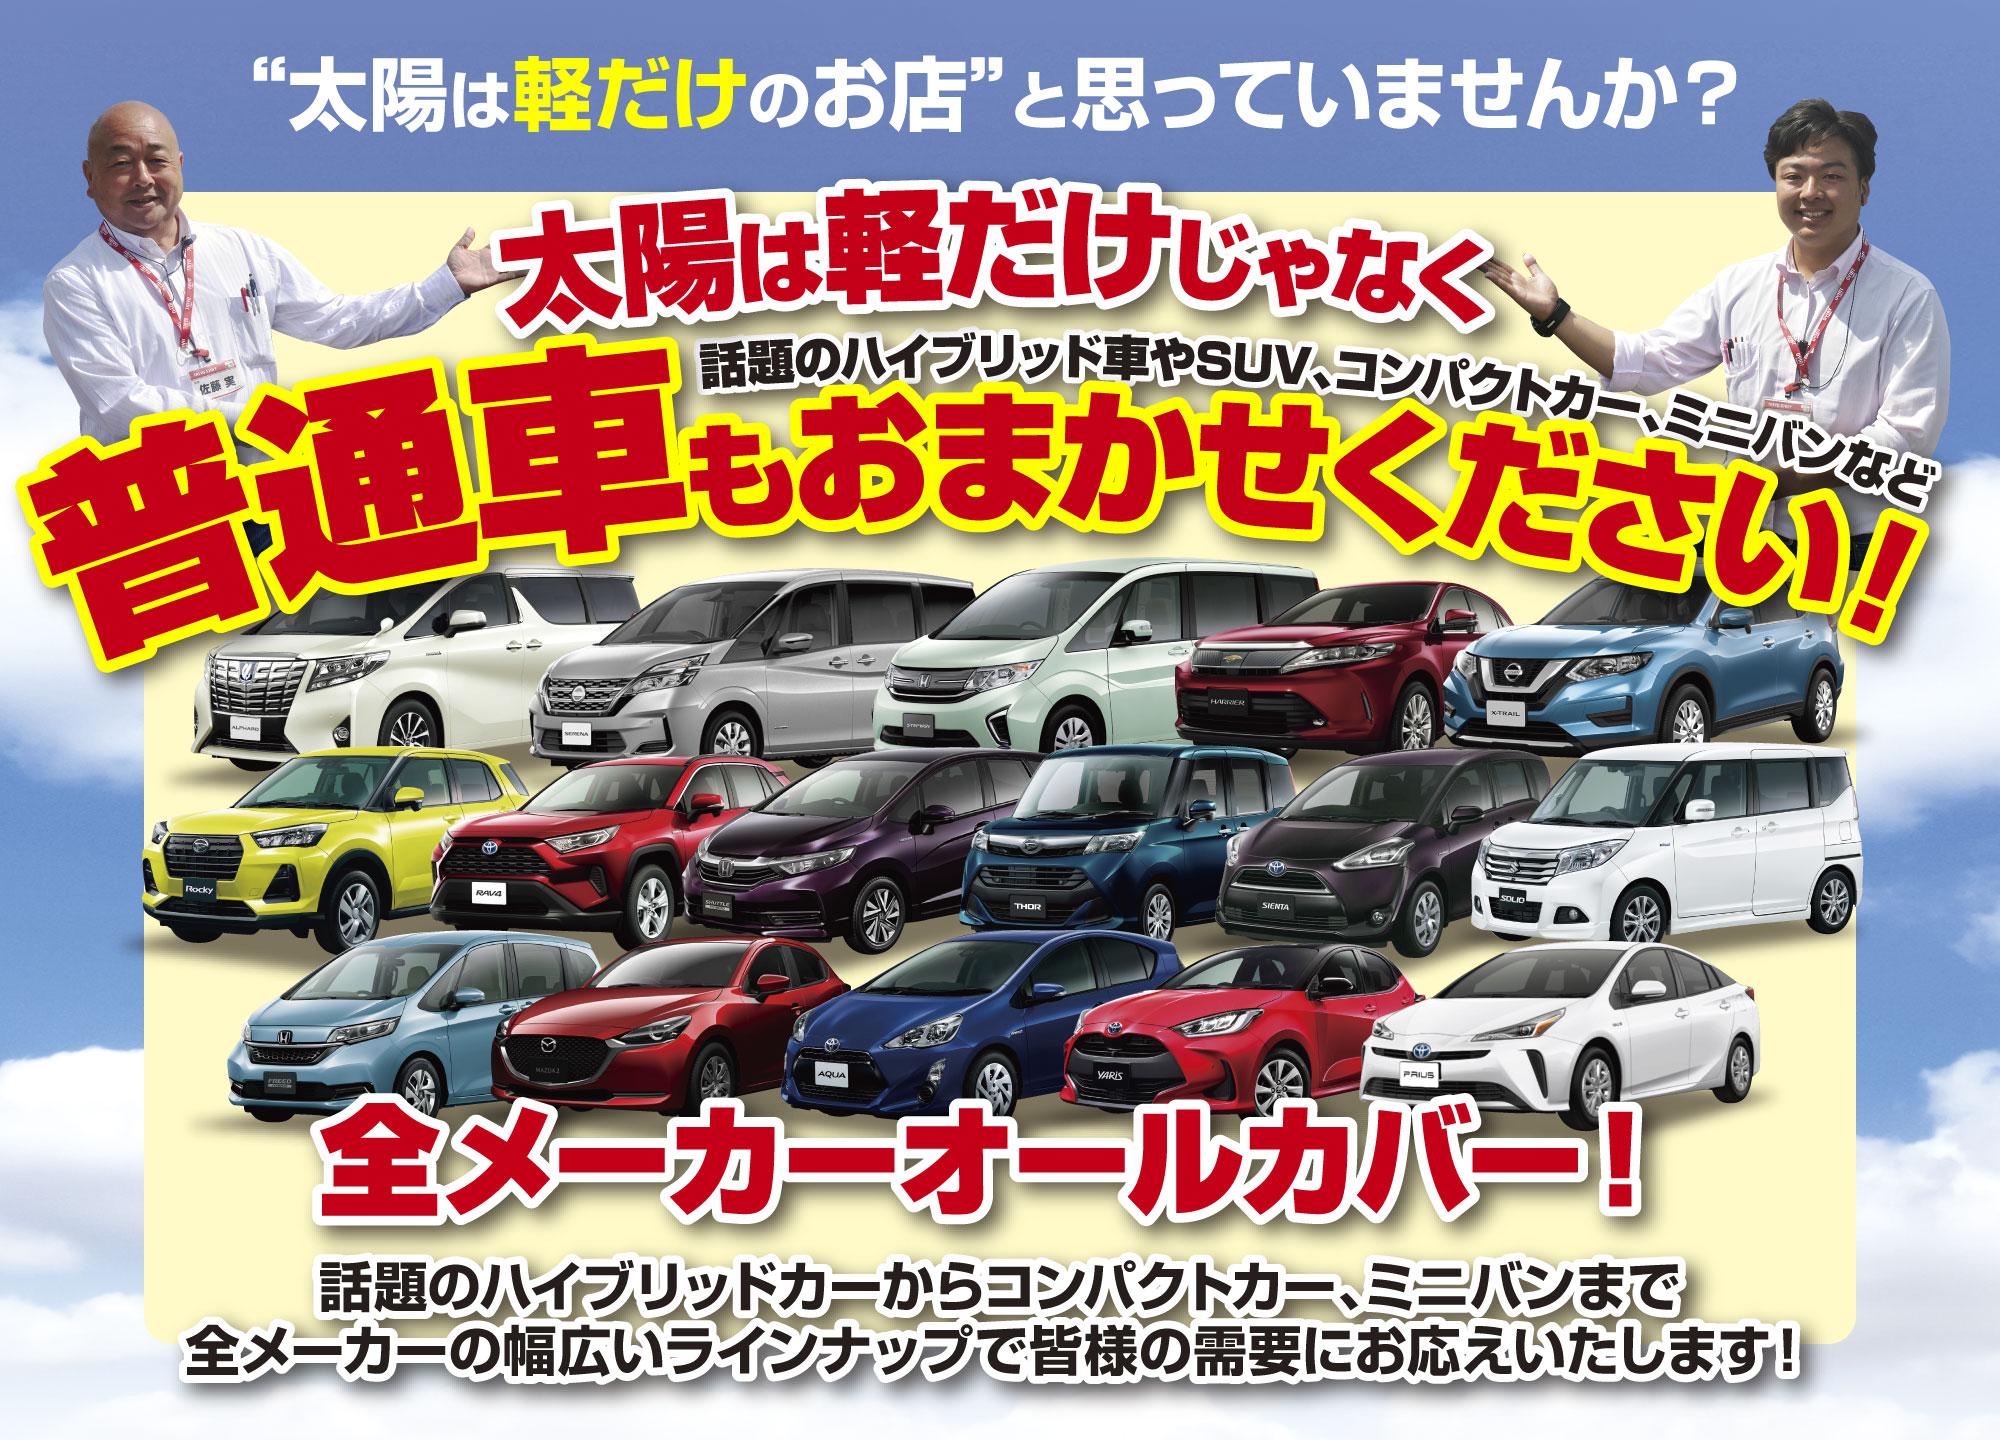 ハイブリッドカー、コンパクトカー、ミニバンの新車、未使用車も太陽自動車におまかせください!